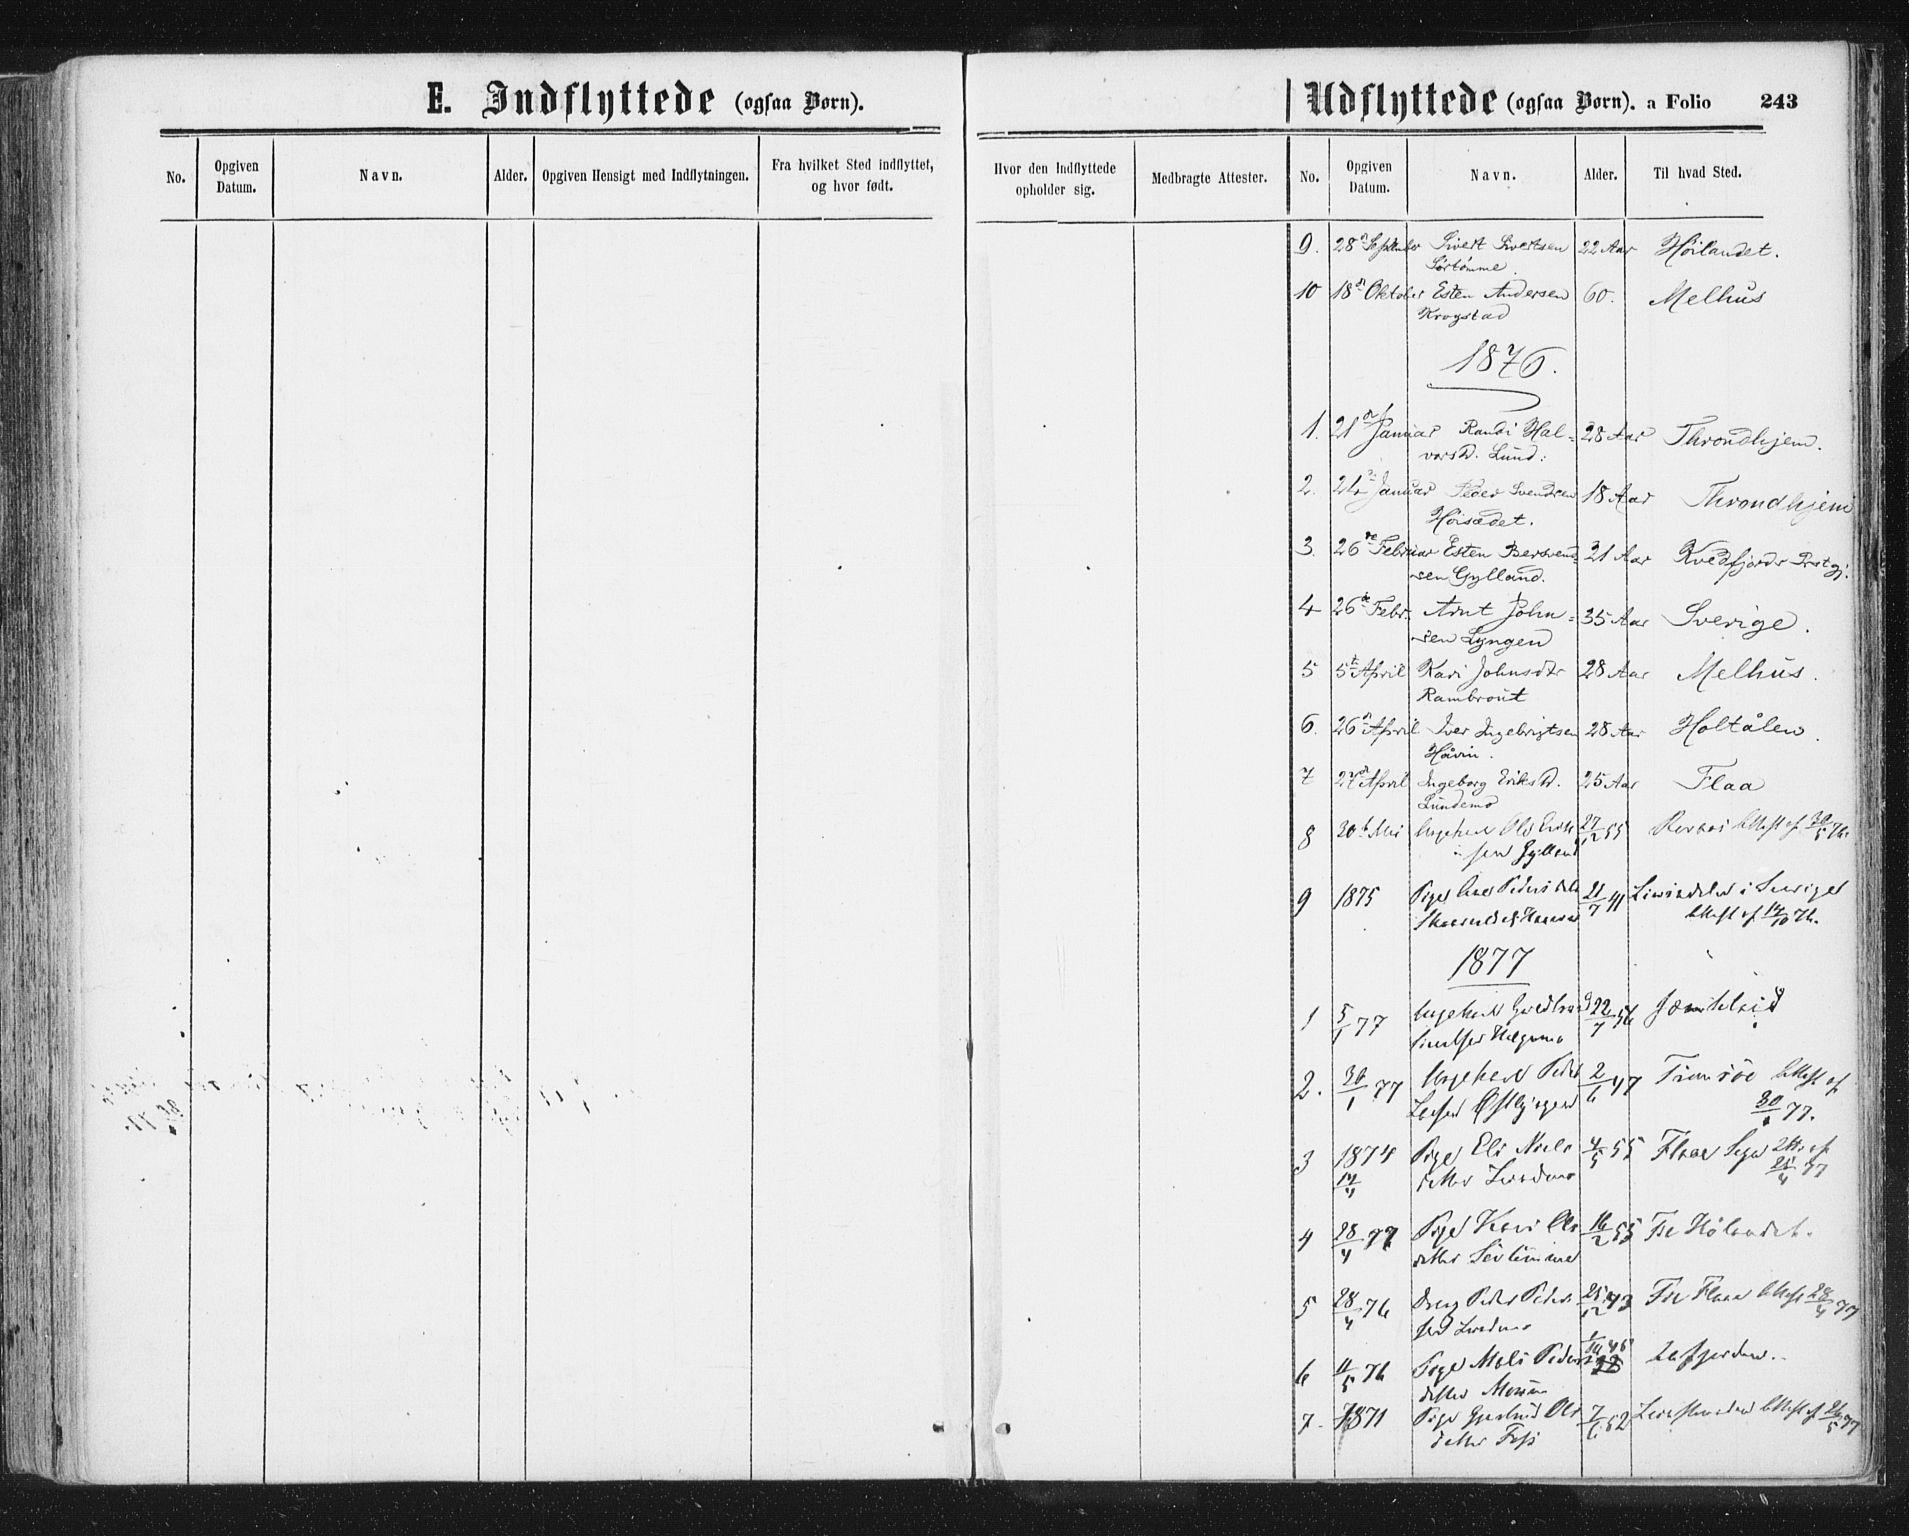 SAT, Ministerialprotokoller, klokkerbøker og fødselsregistre - Sør-Trøndelag, 692/L1104: Ministerialbok nr. 692A04, 1862-1878, s. 243